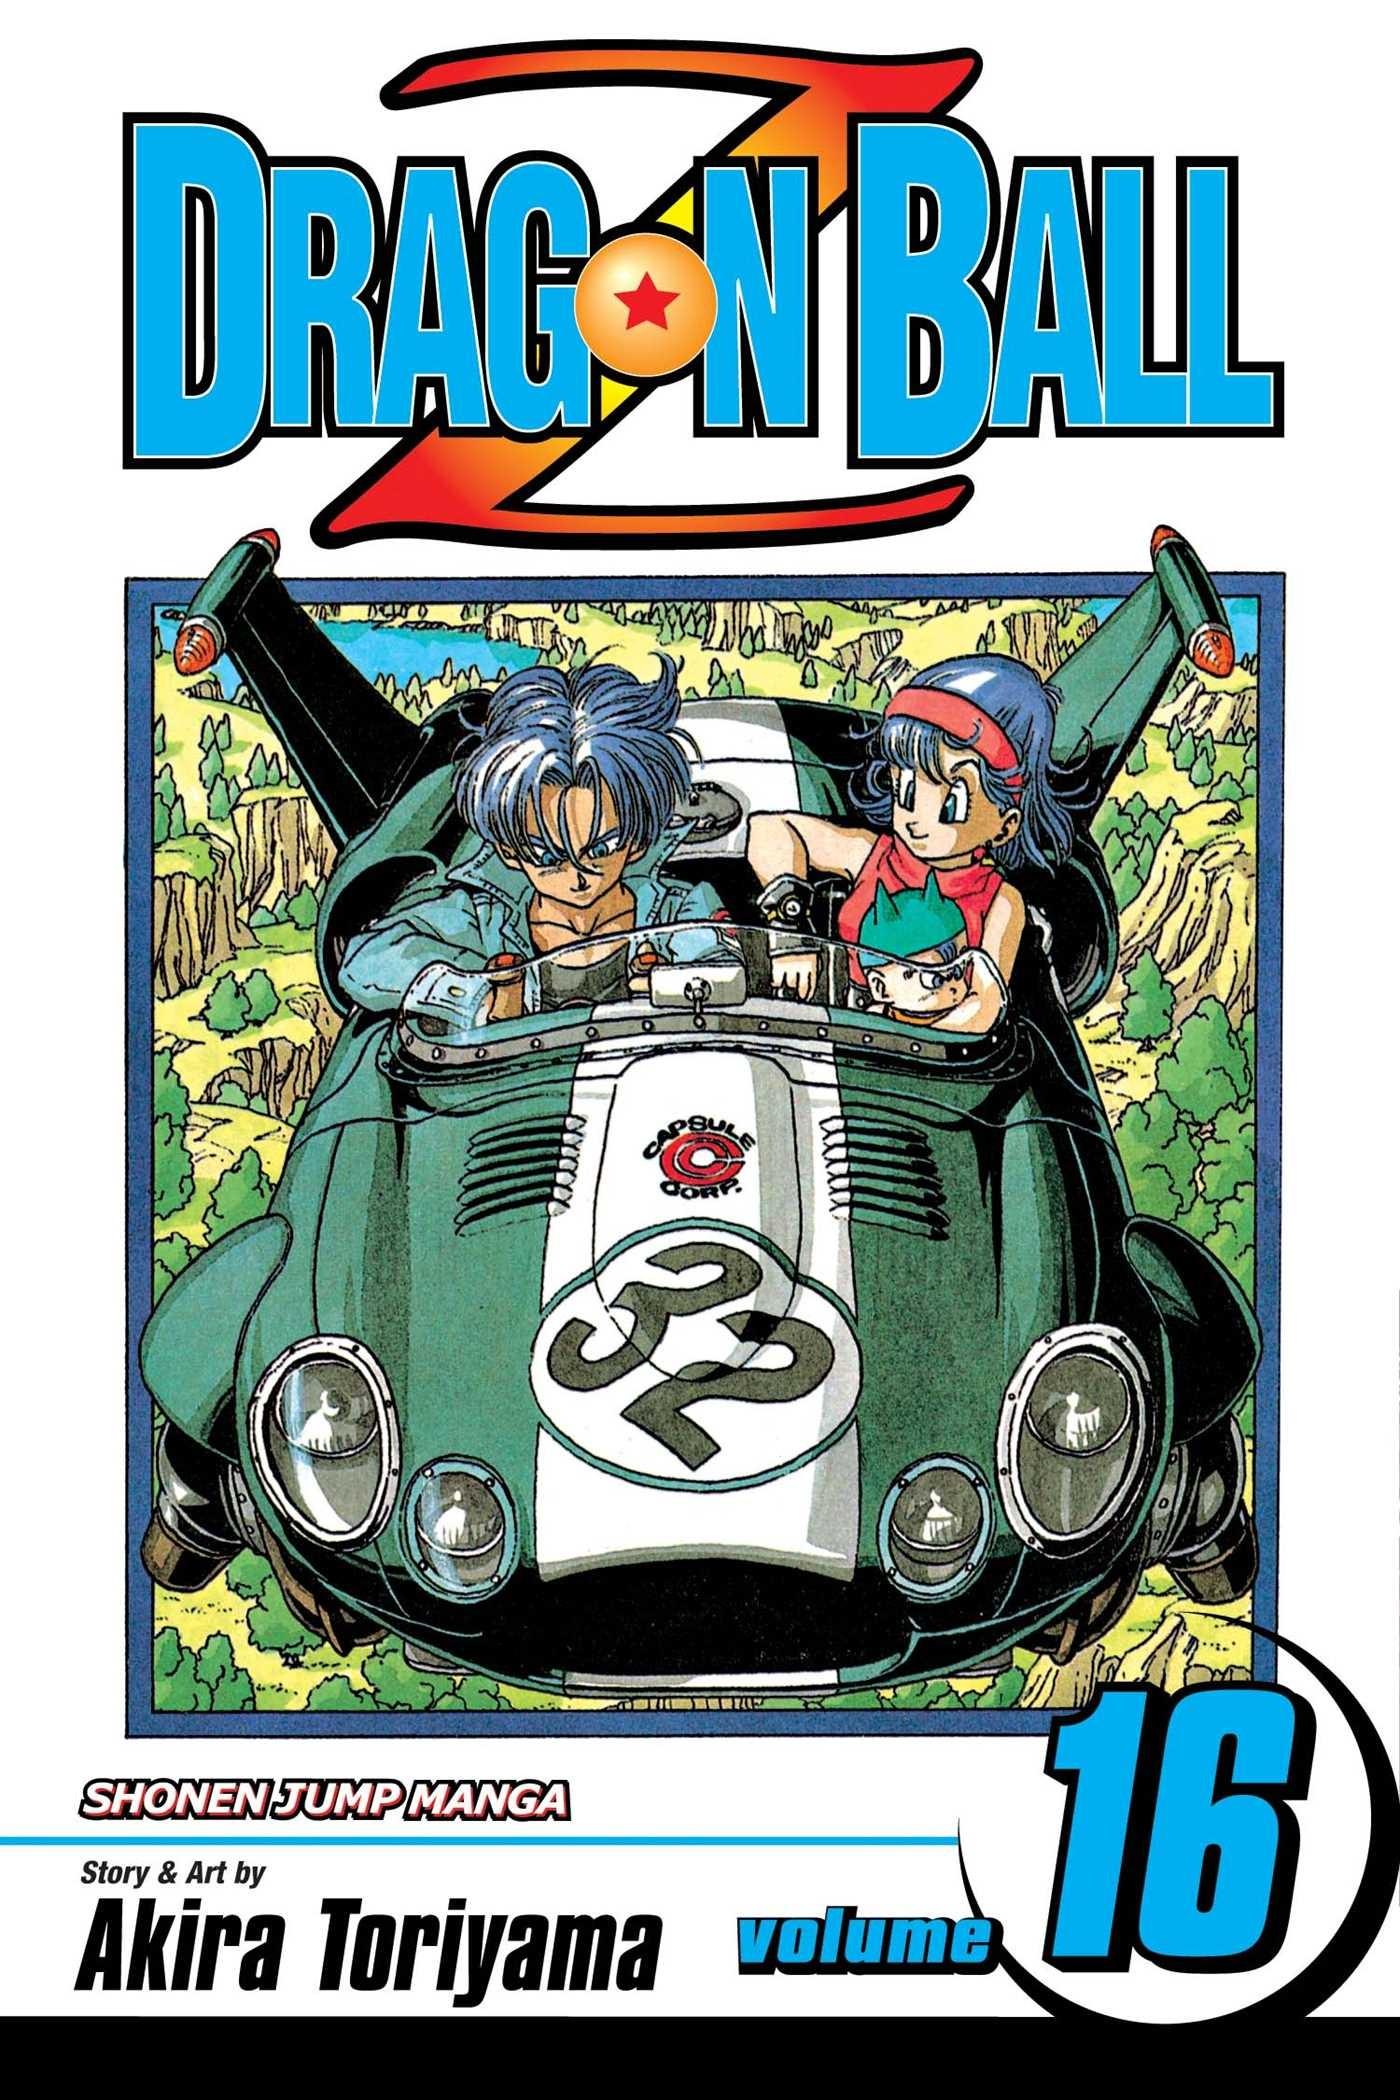 Dragon Ball Z, Vol. 16 by Akira Toriyama